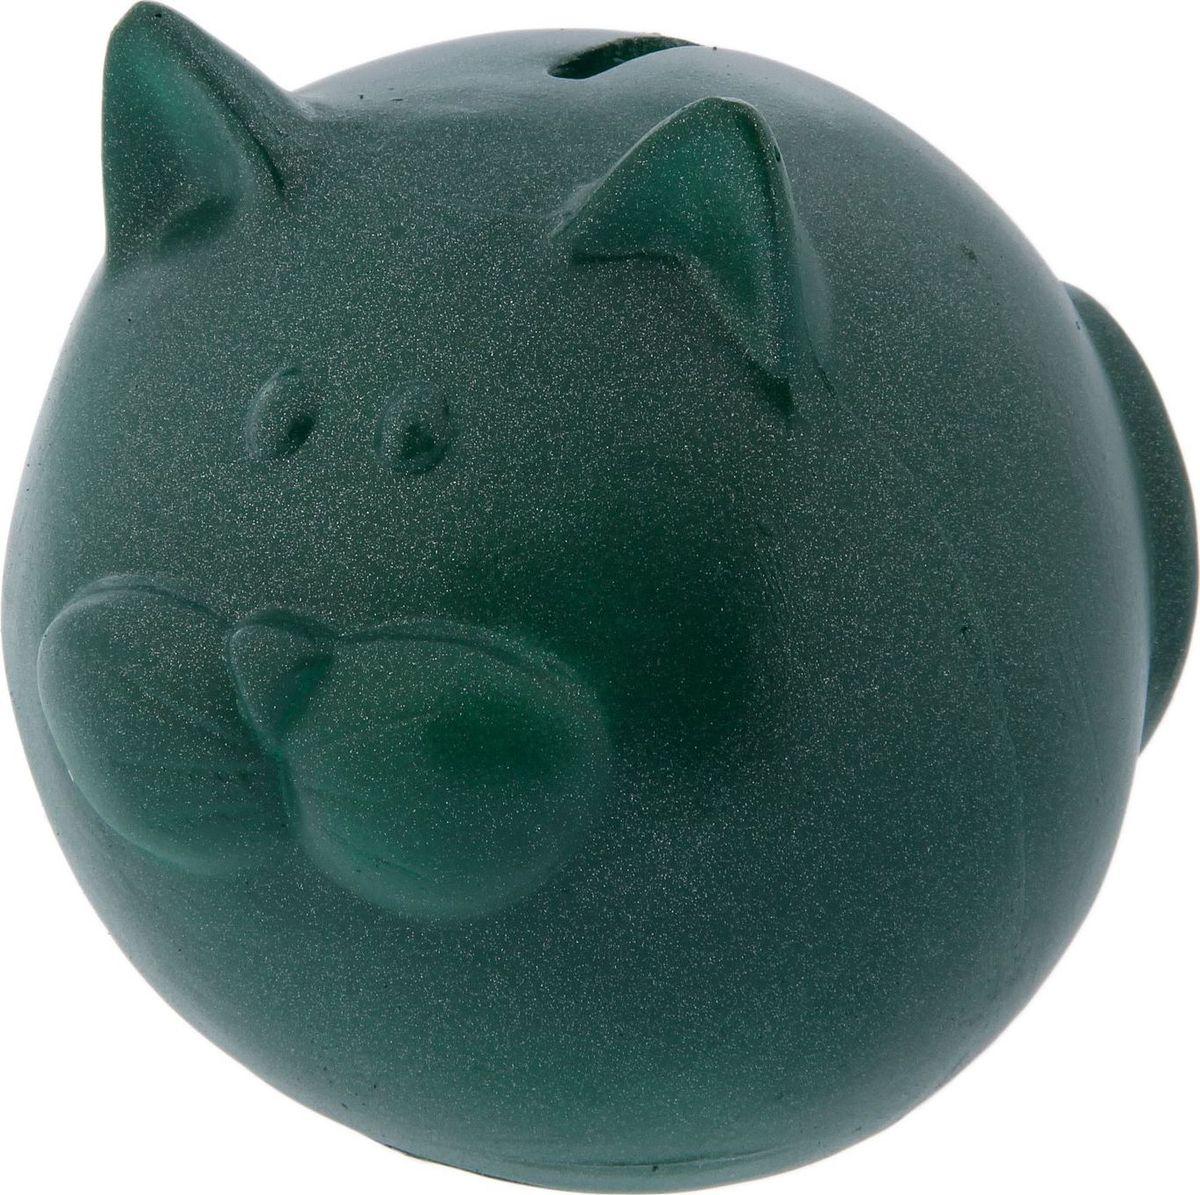 Копилка Кот пузырь, цвет: зеленый, 13,5 х 12 х 13,5 см97833Копилка — универсальный вариант подарка любому человеку, ведь каждый из нас мечтает о какой-то дорогостоящей вещи и откладывает или собирается откладывать деньги на её приобретение. Вместительная копилка станет прекрасным хранителем сбережений и украшением интерьера. Она выглядит так ярко и эффектно, что проходя мимо, обязательно захочется забросить пару монет. Обращаем ваше внимание, что копилка является одноразовой.